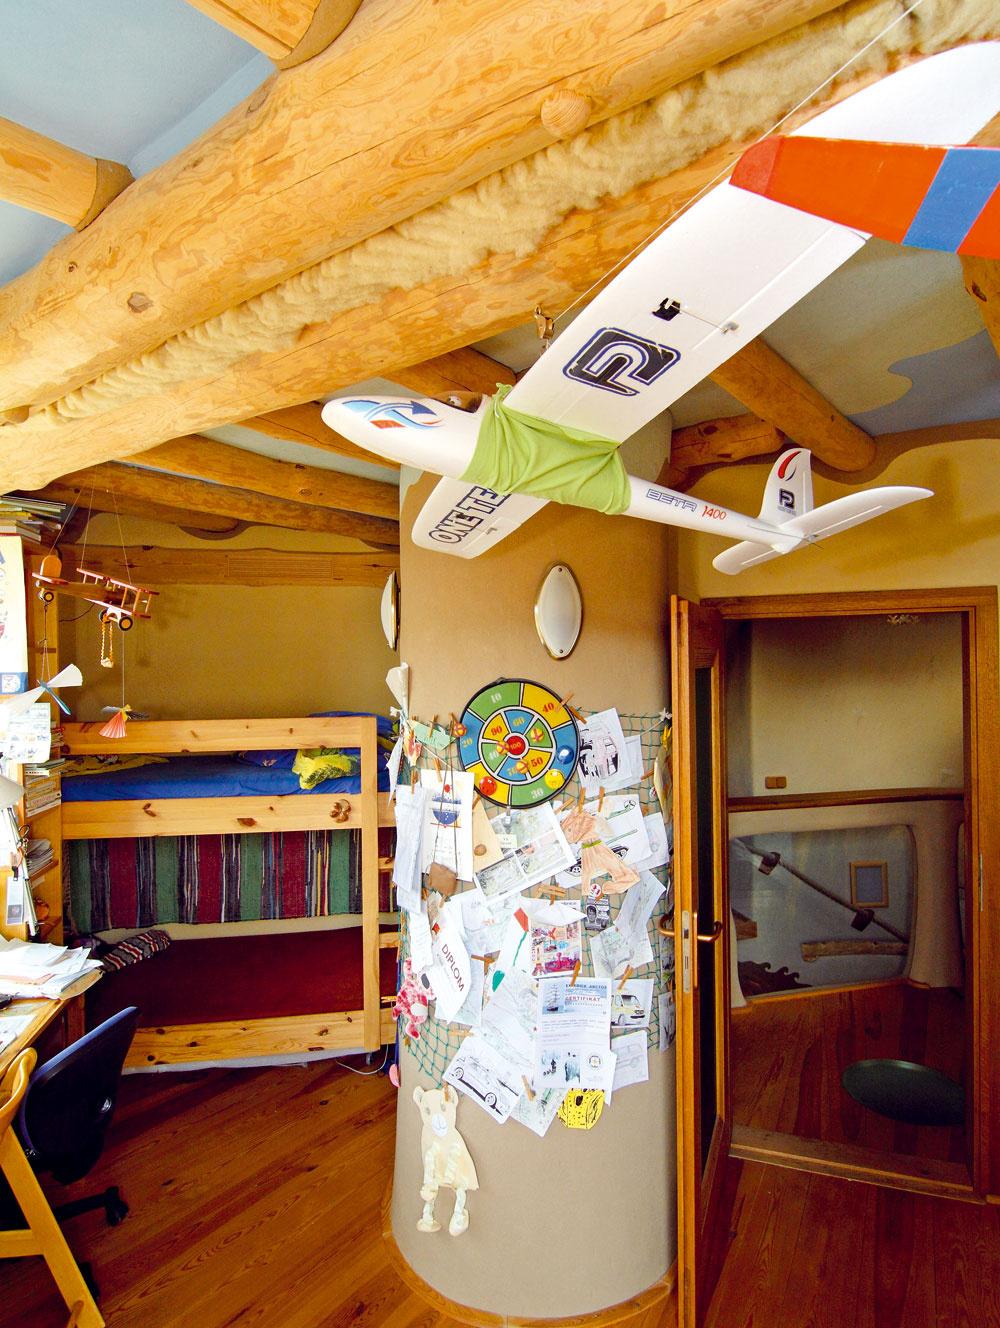 """Starší syn objavil záľubu vmodelárstve. Tak ako dom odráža zmýšľanie rodiny, jeho izba svedčí ojeho koníčkoch. Prírodnú ovčiu vlnu použili domáci vo všetkých horných izbách ako tesniaci materiál. Synovia domácich si zatiaľ veľmi nevšímajú ekologický spôsob života rodiny. """"Skôr je pre nich zaujímavé, že sa náš dom občas objaví vnejakom časopise, ale určite ešte nevnímajú podstatu, prečo je to tak,"""" hovorí súsmevom pán Michal."""